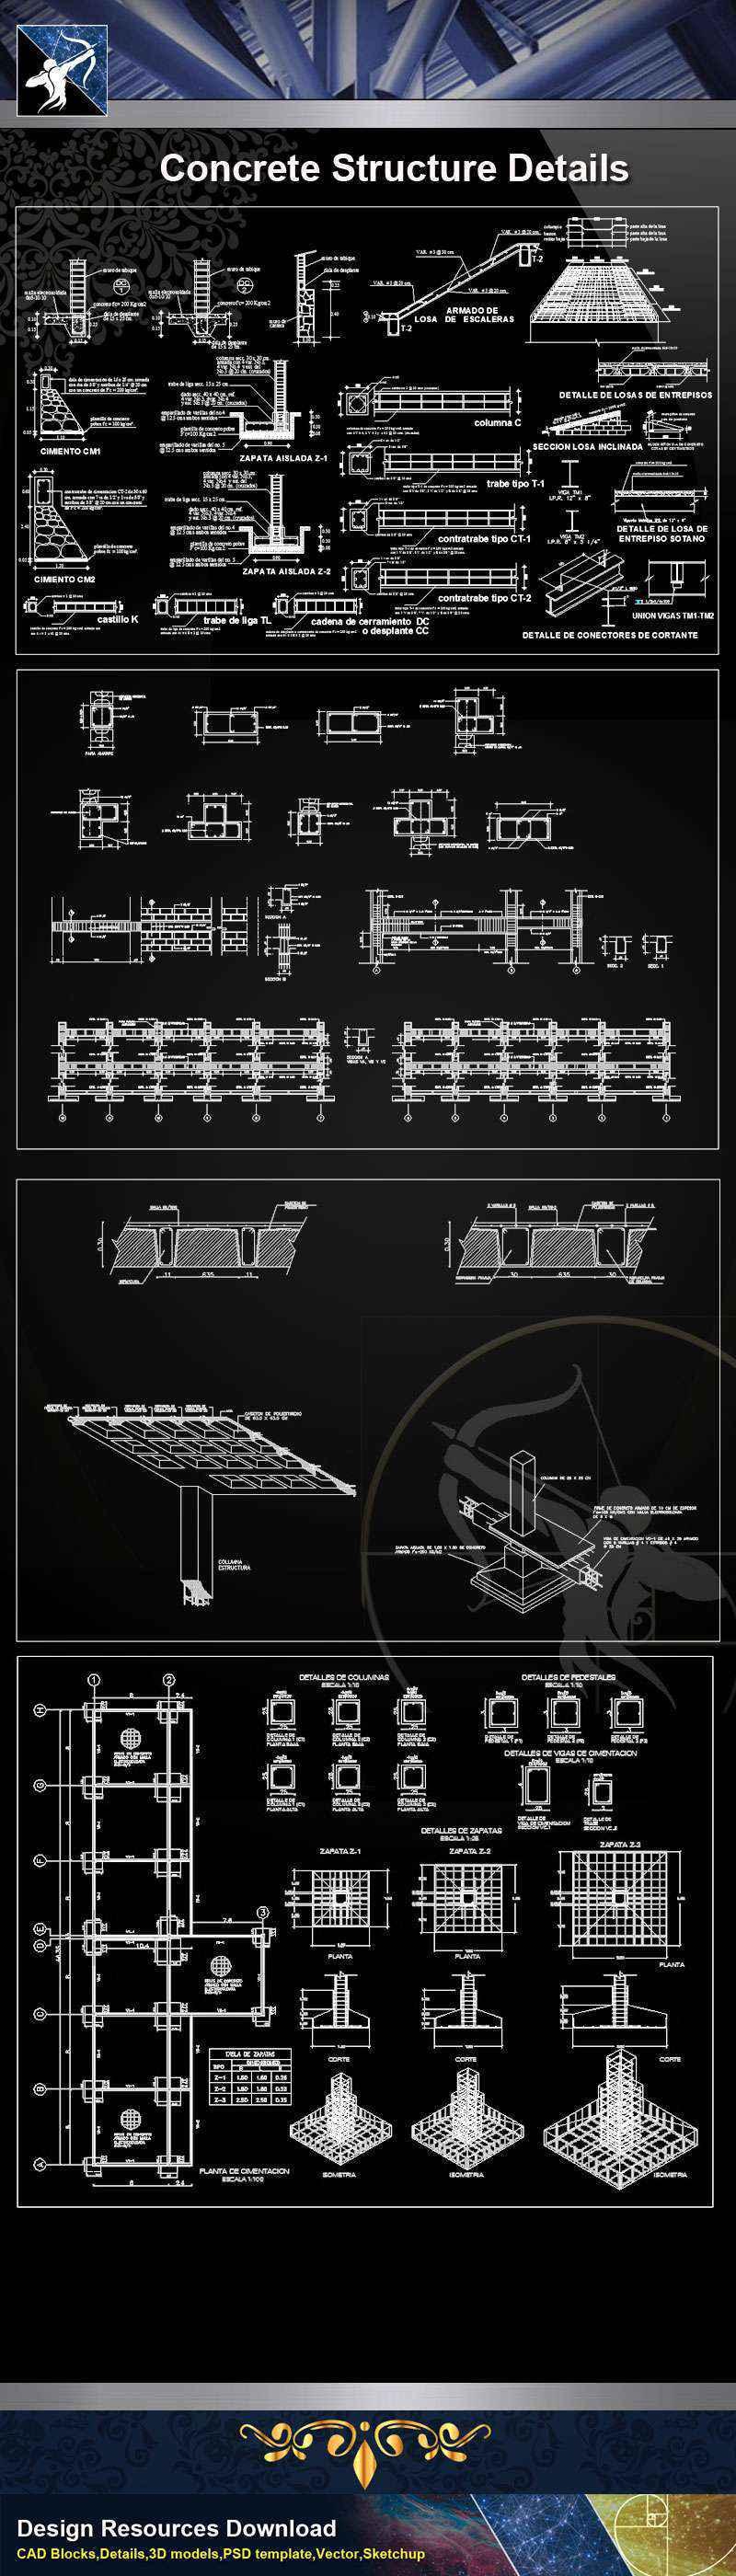 Concrete Structure CAD Details